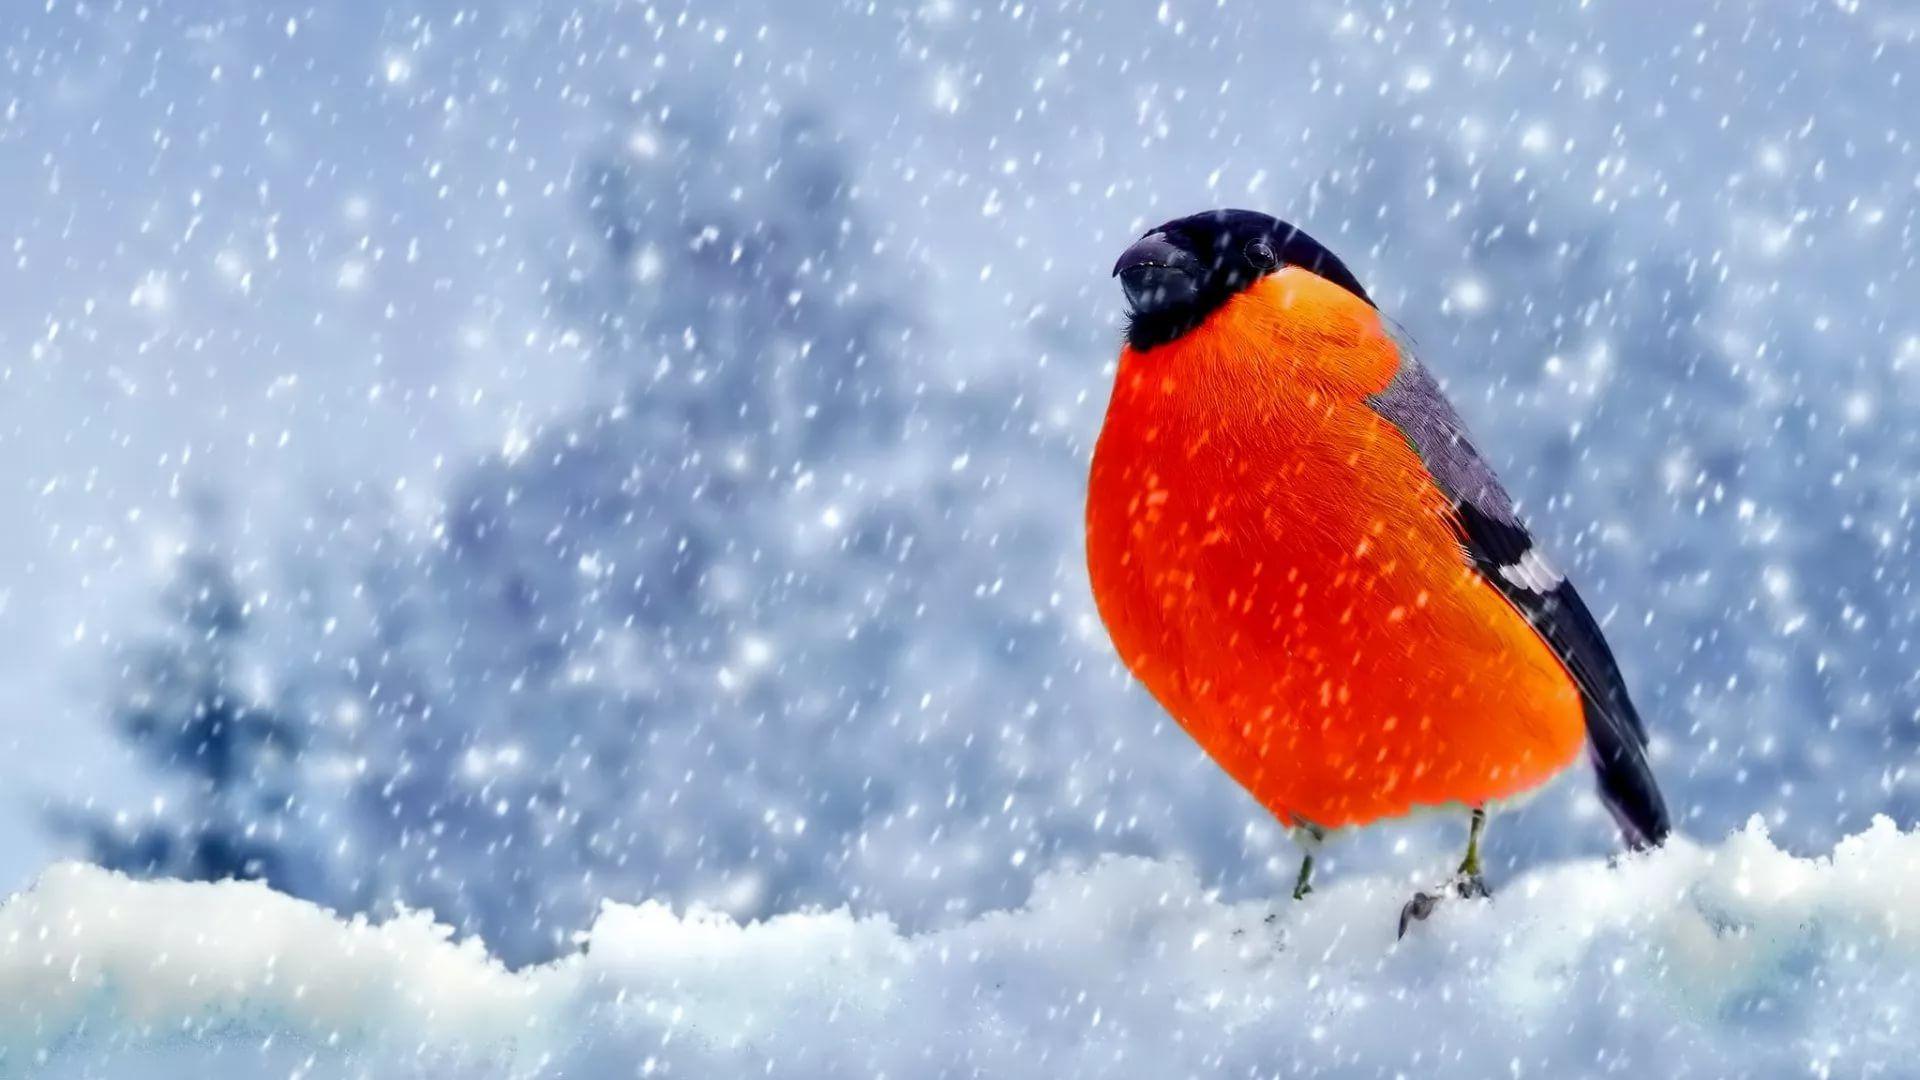 заставка на экран компьютера зима: 13 тыс изображений ...